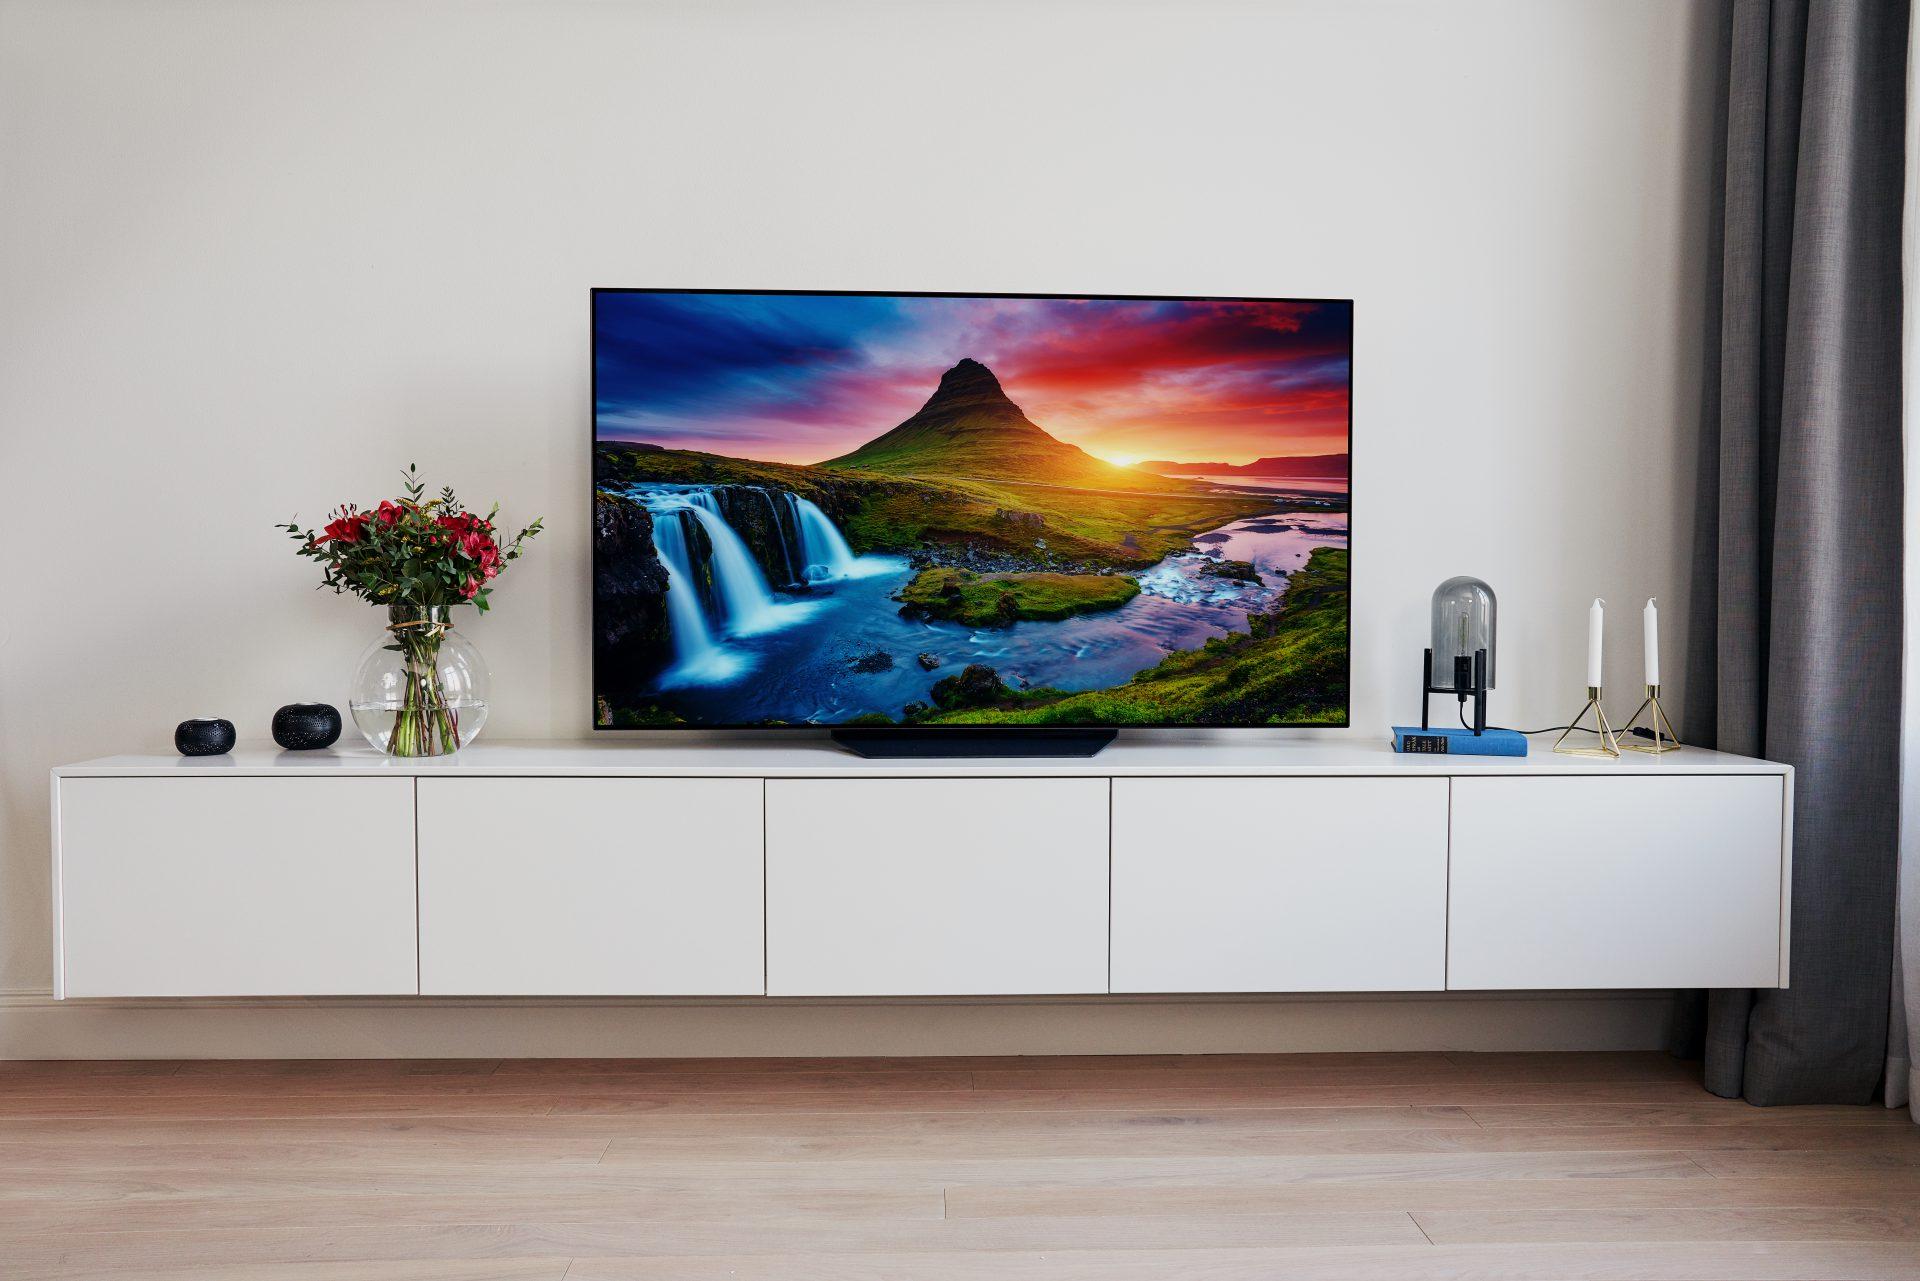 Quelles sont les meilleures TV 4K HDR de 55 pouces en 2021 ?